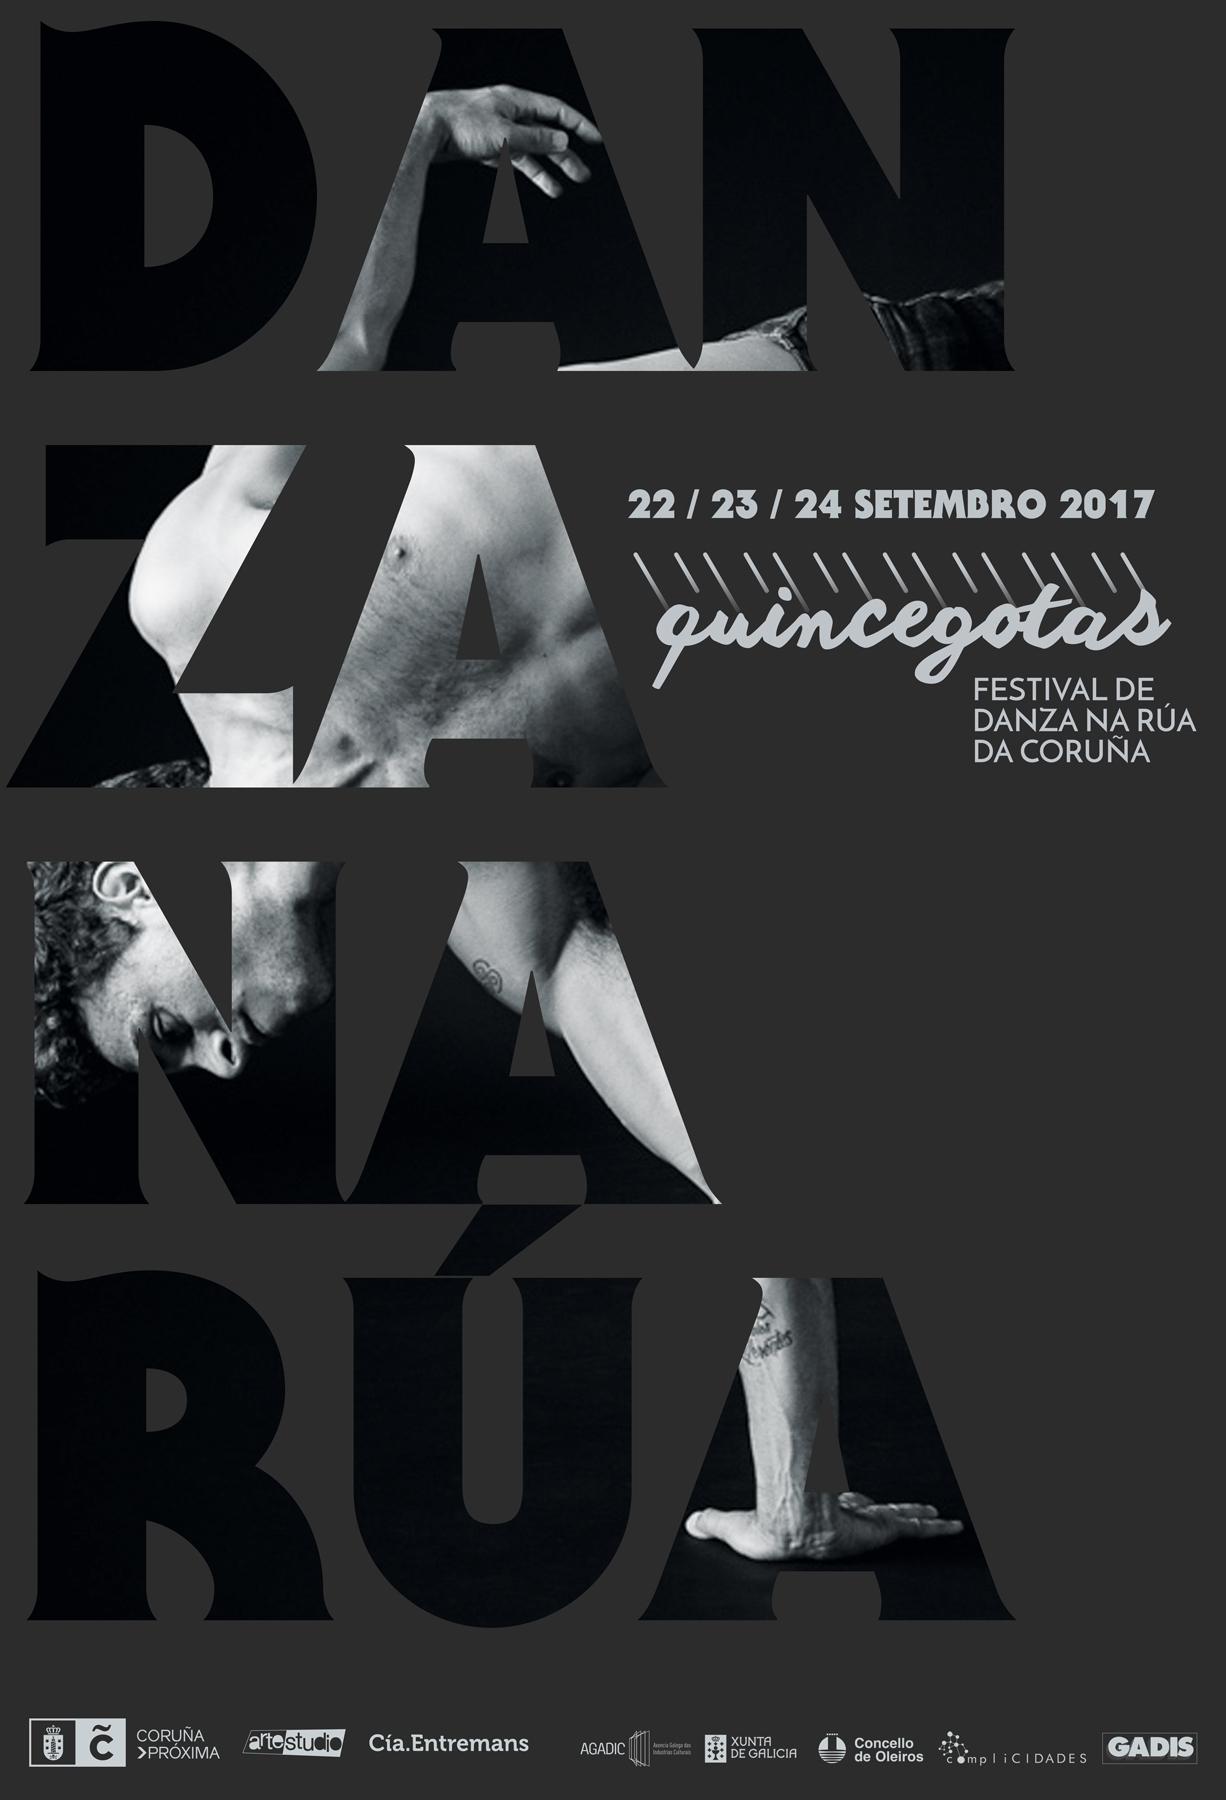 A danza de rúa volve á Coruña no Festival Quincegotas